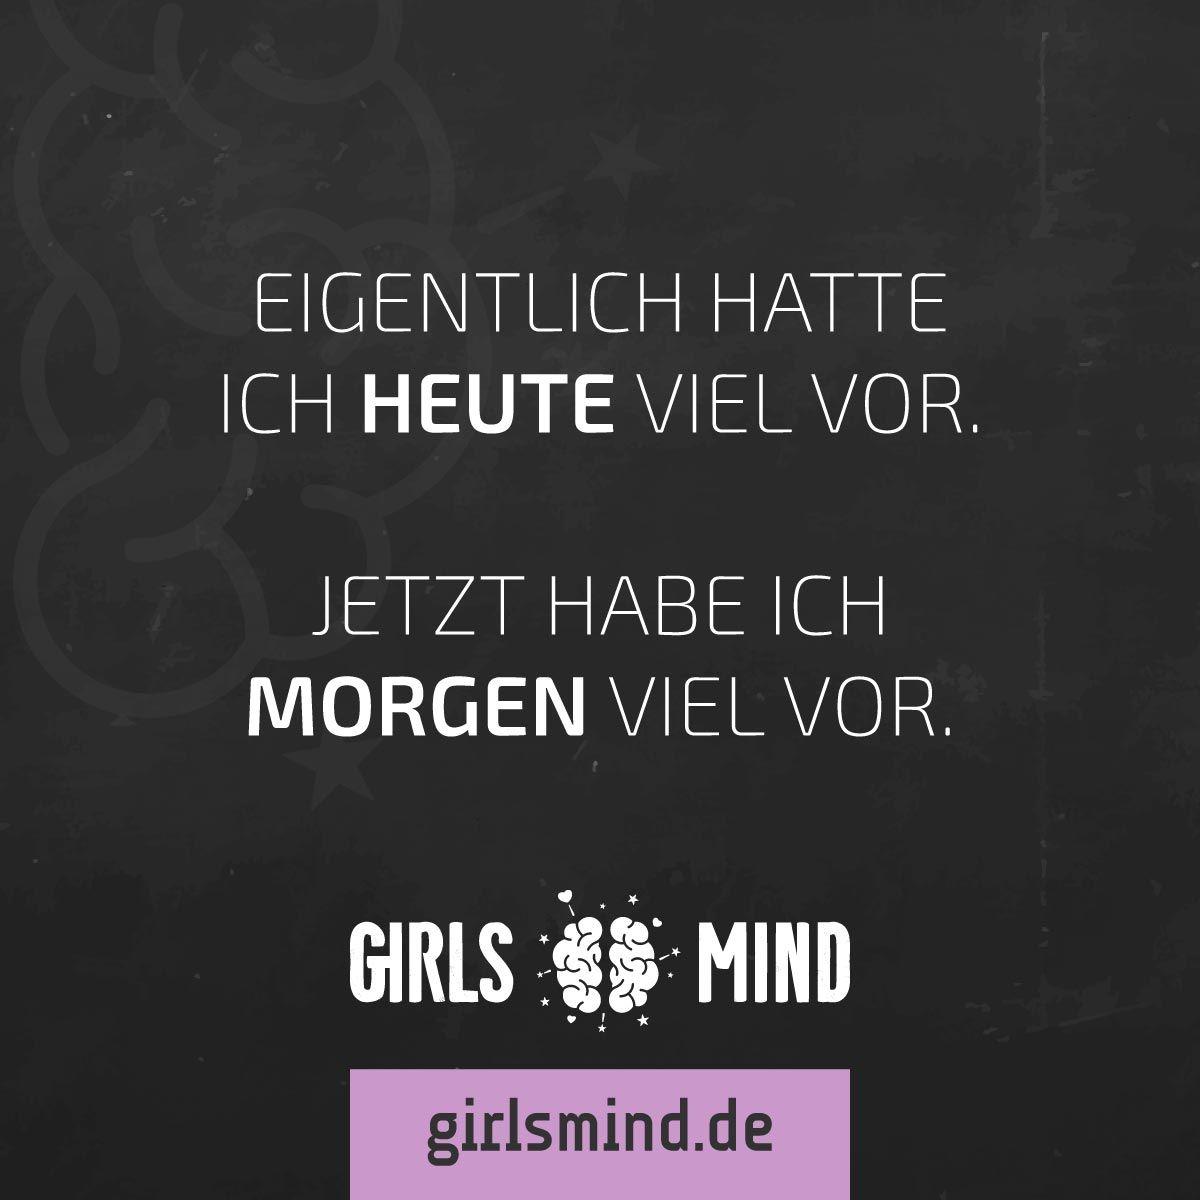 ausruhen sprüche Mehr Sprüche auf: .girlsmind.de   #  plan     #  planen  ausruhen sprüche